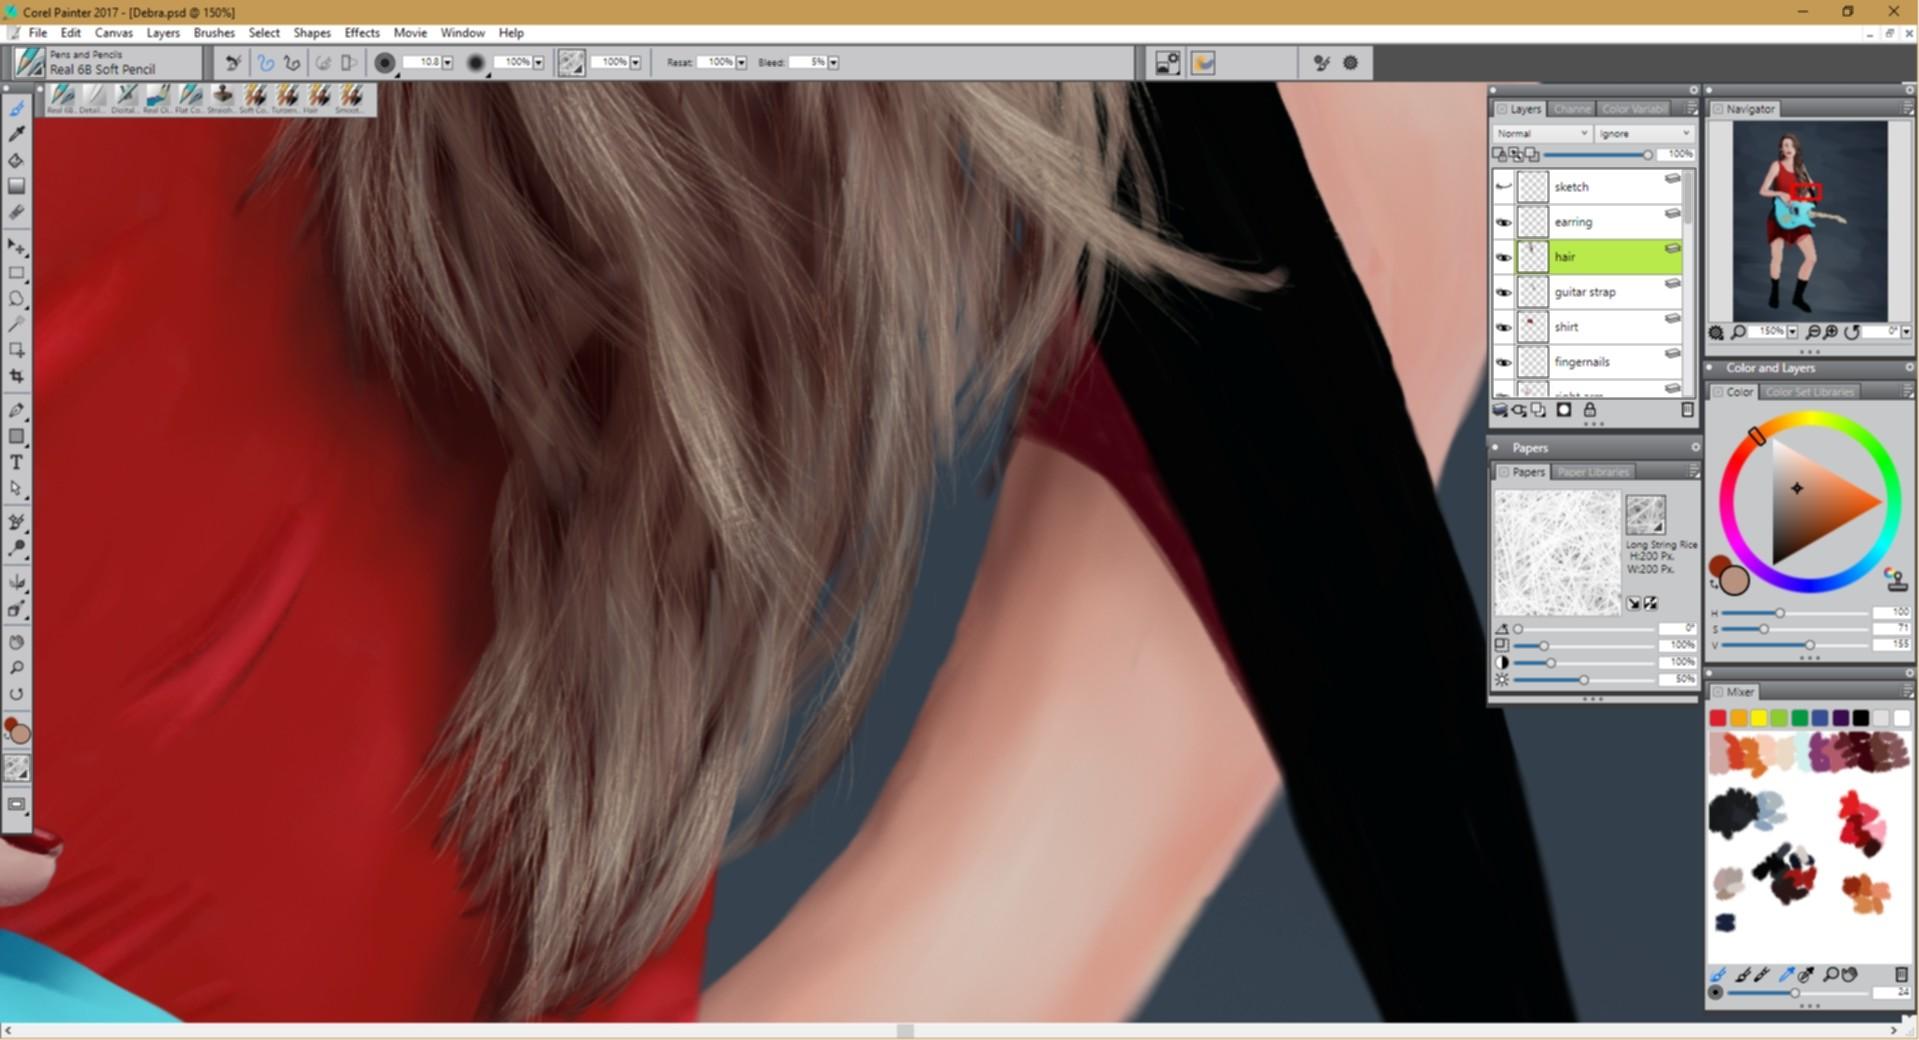 Brinjen russell screenshot02